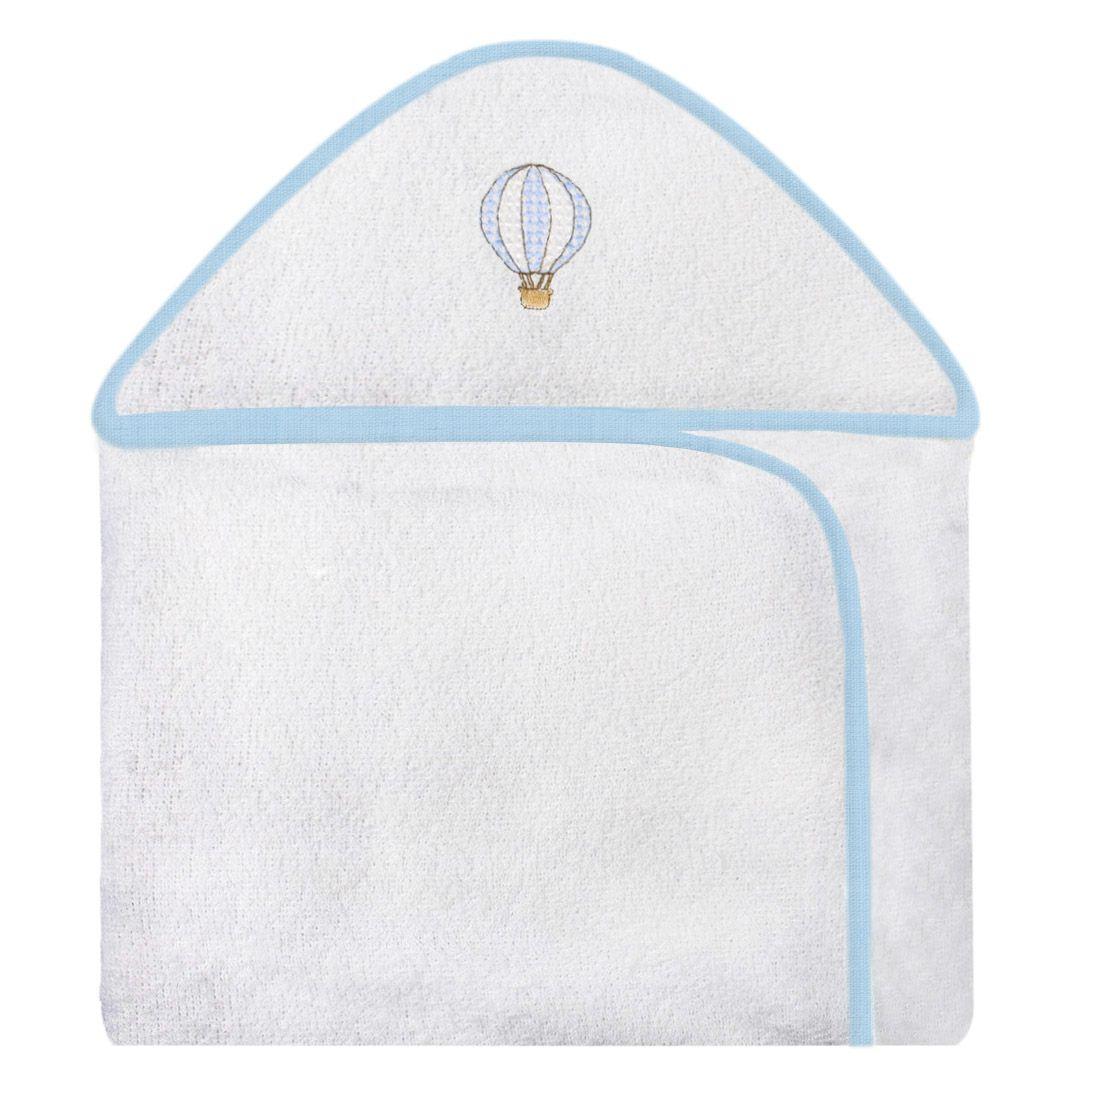 Toalha de Banho c/ Capuz Bordado -  Balão Azul